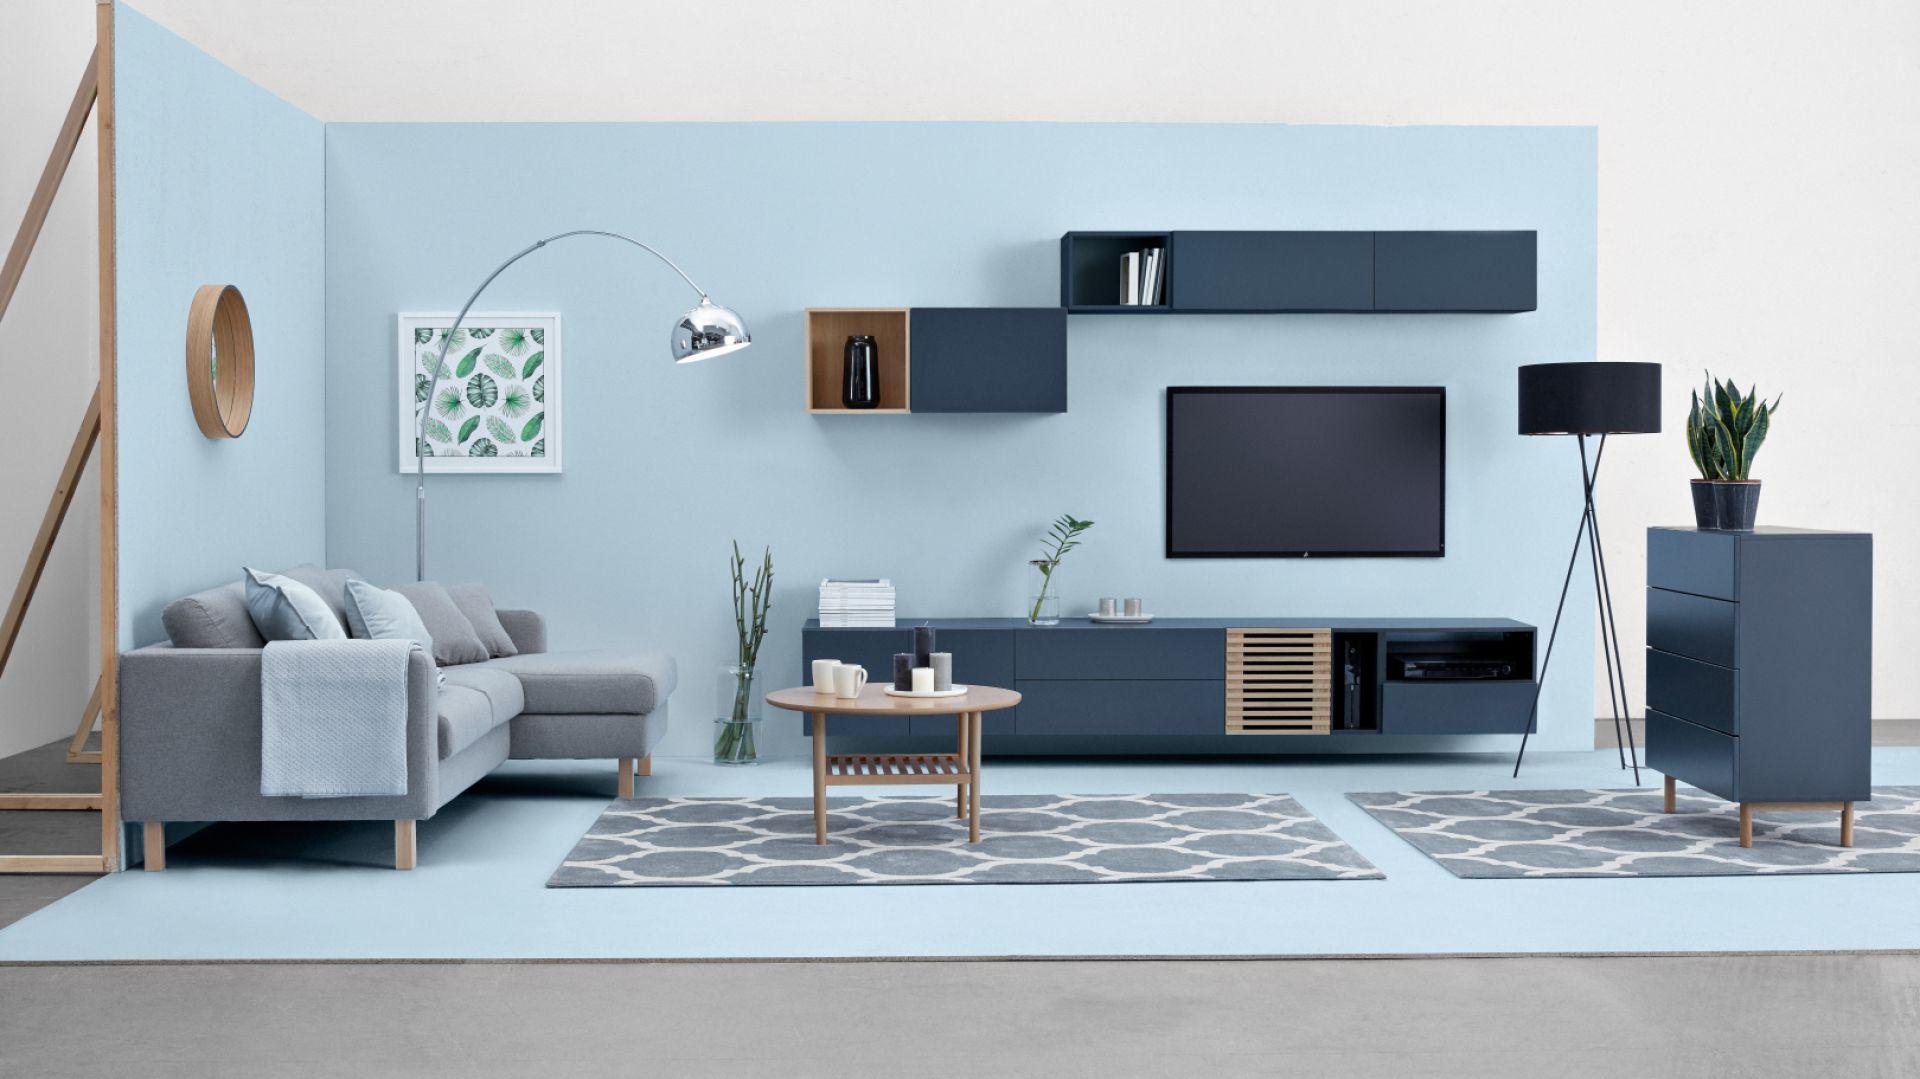 System Moko dzięki koncepcji oryginalnych komód, bufetów i witryn wprowadzi do wnętrza zupełnie nowy, nieoczywisty styl. 2.379 zł/ zestaw TV 280/40. Fot. Black Red White